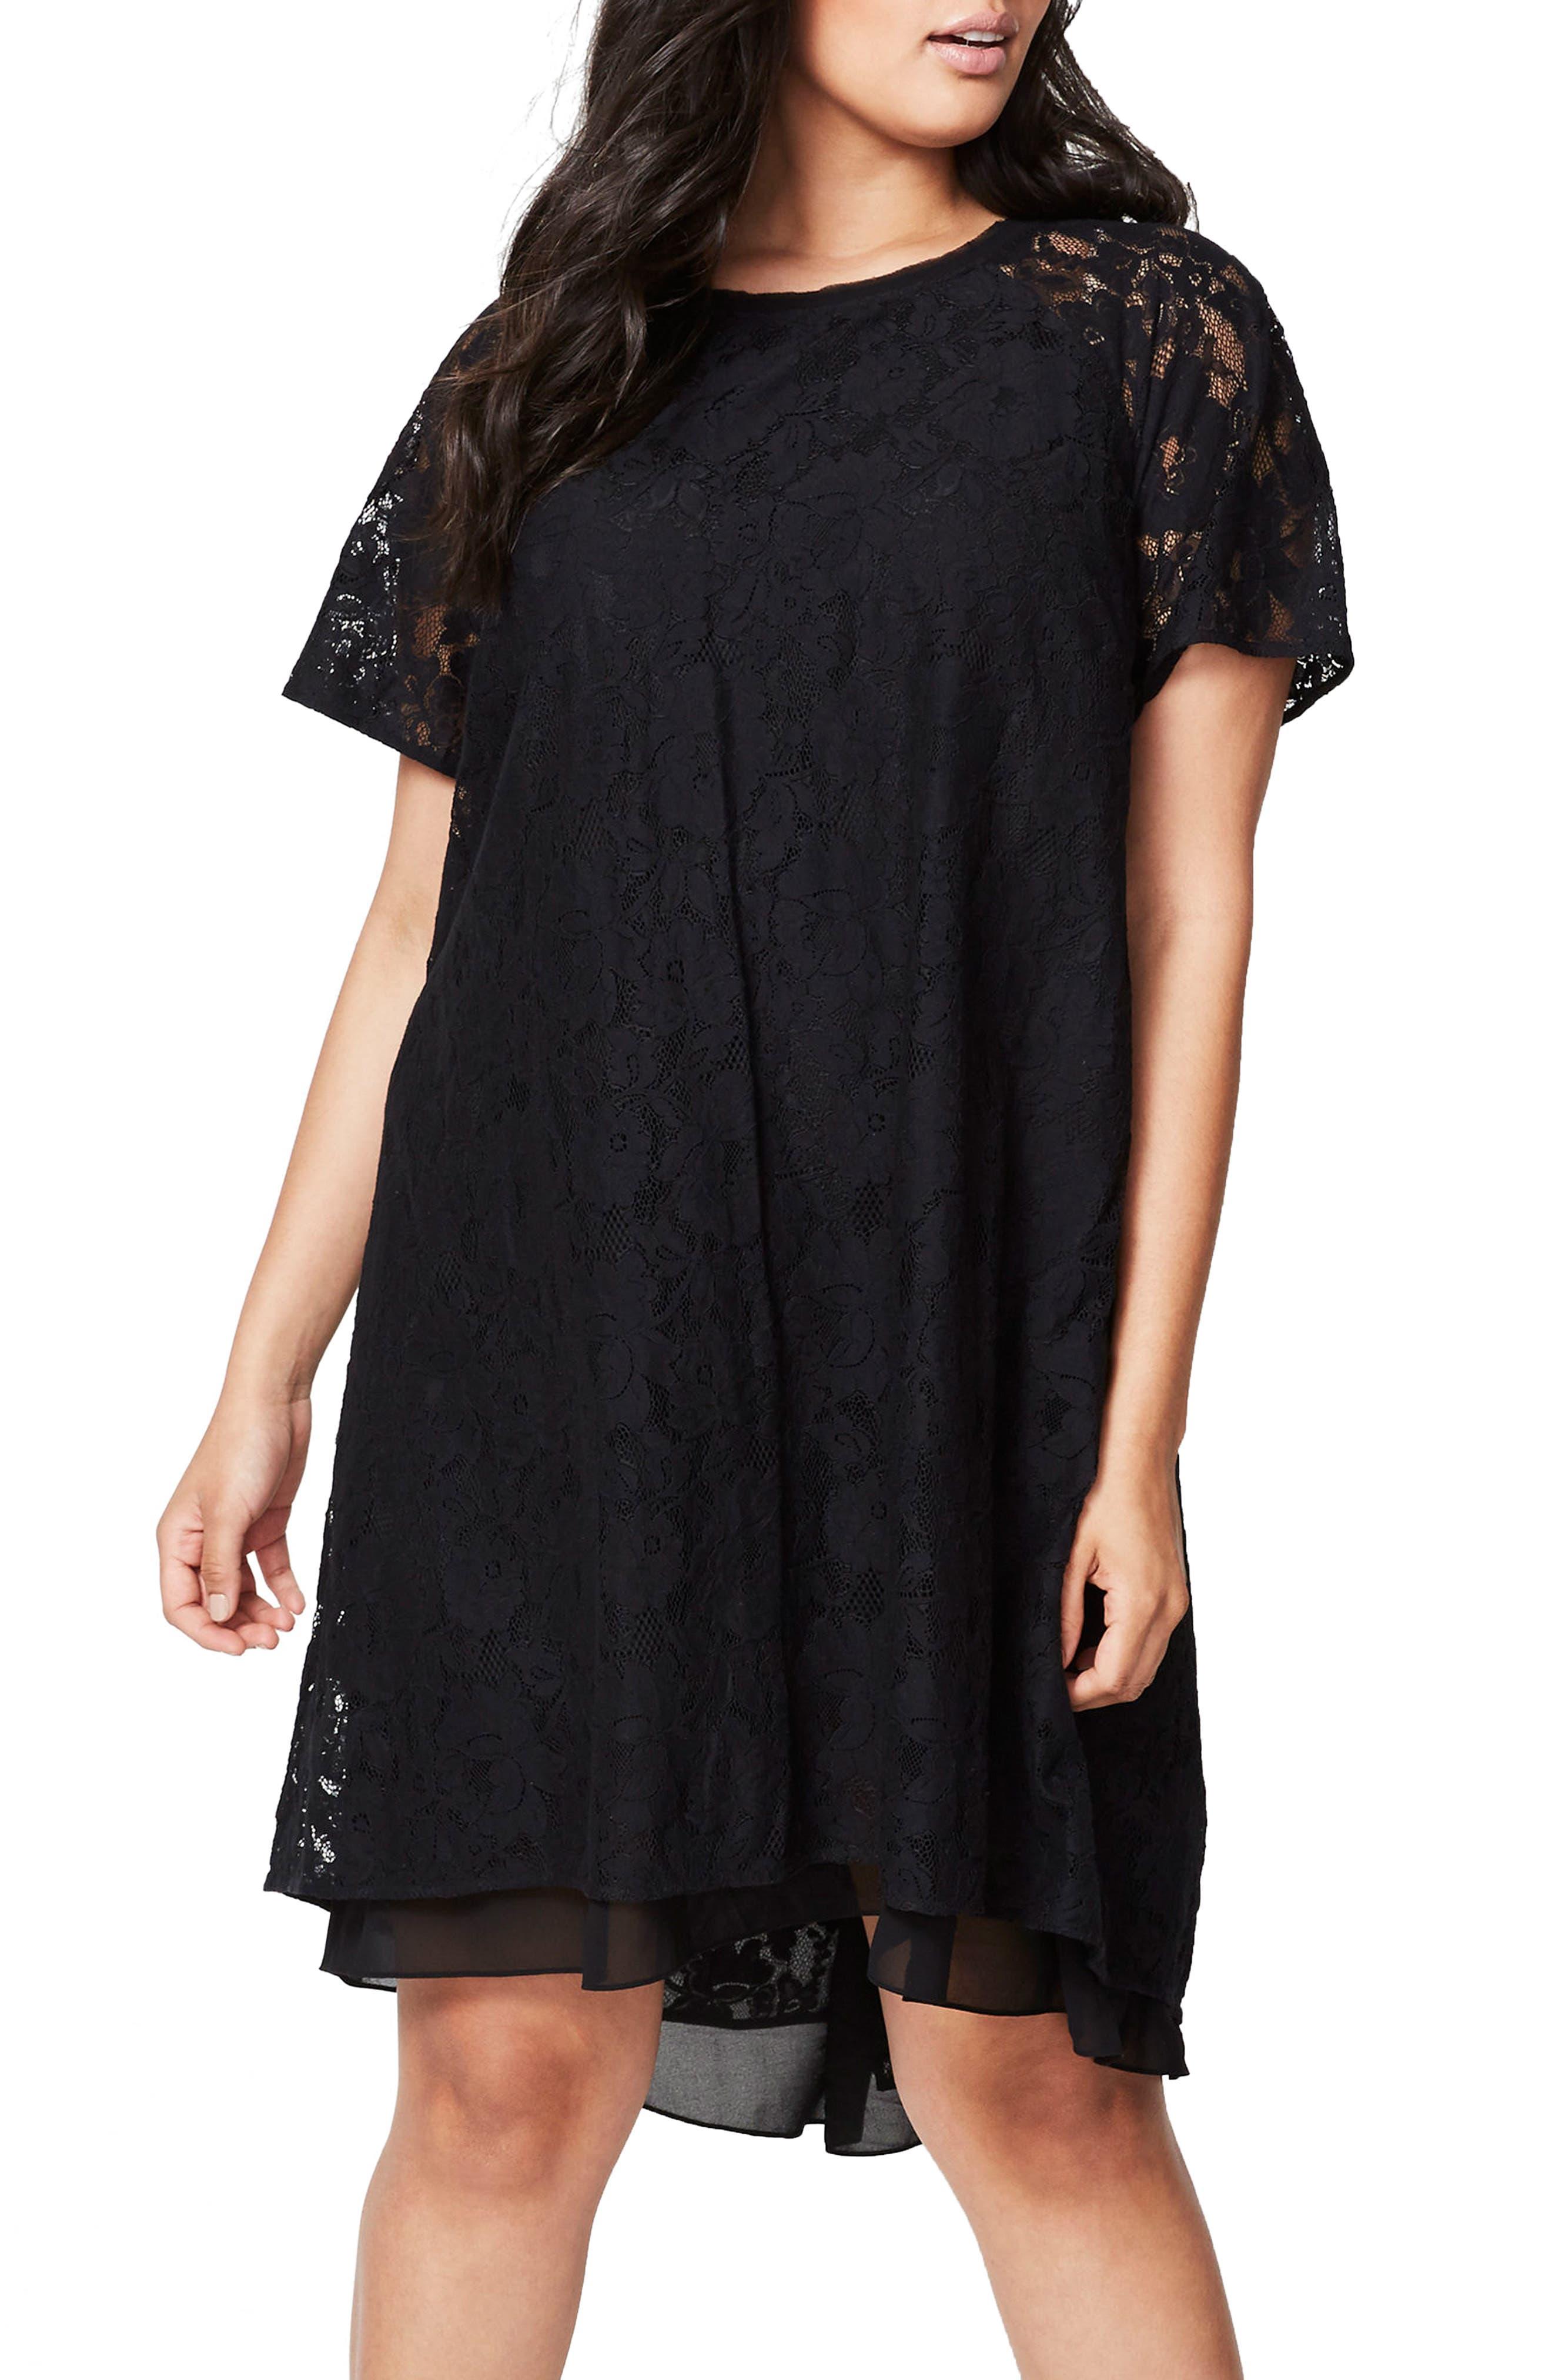 Main Image - RACHEL Rachel Roy A-Line Lace Dress (Plus Size)